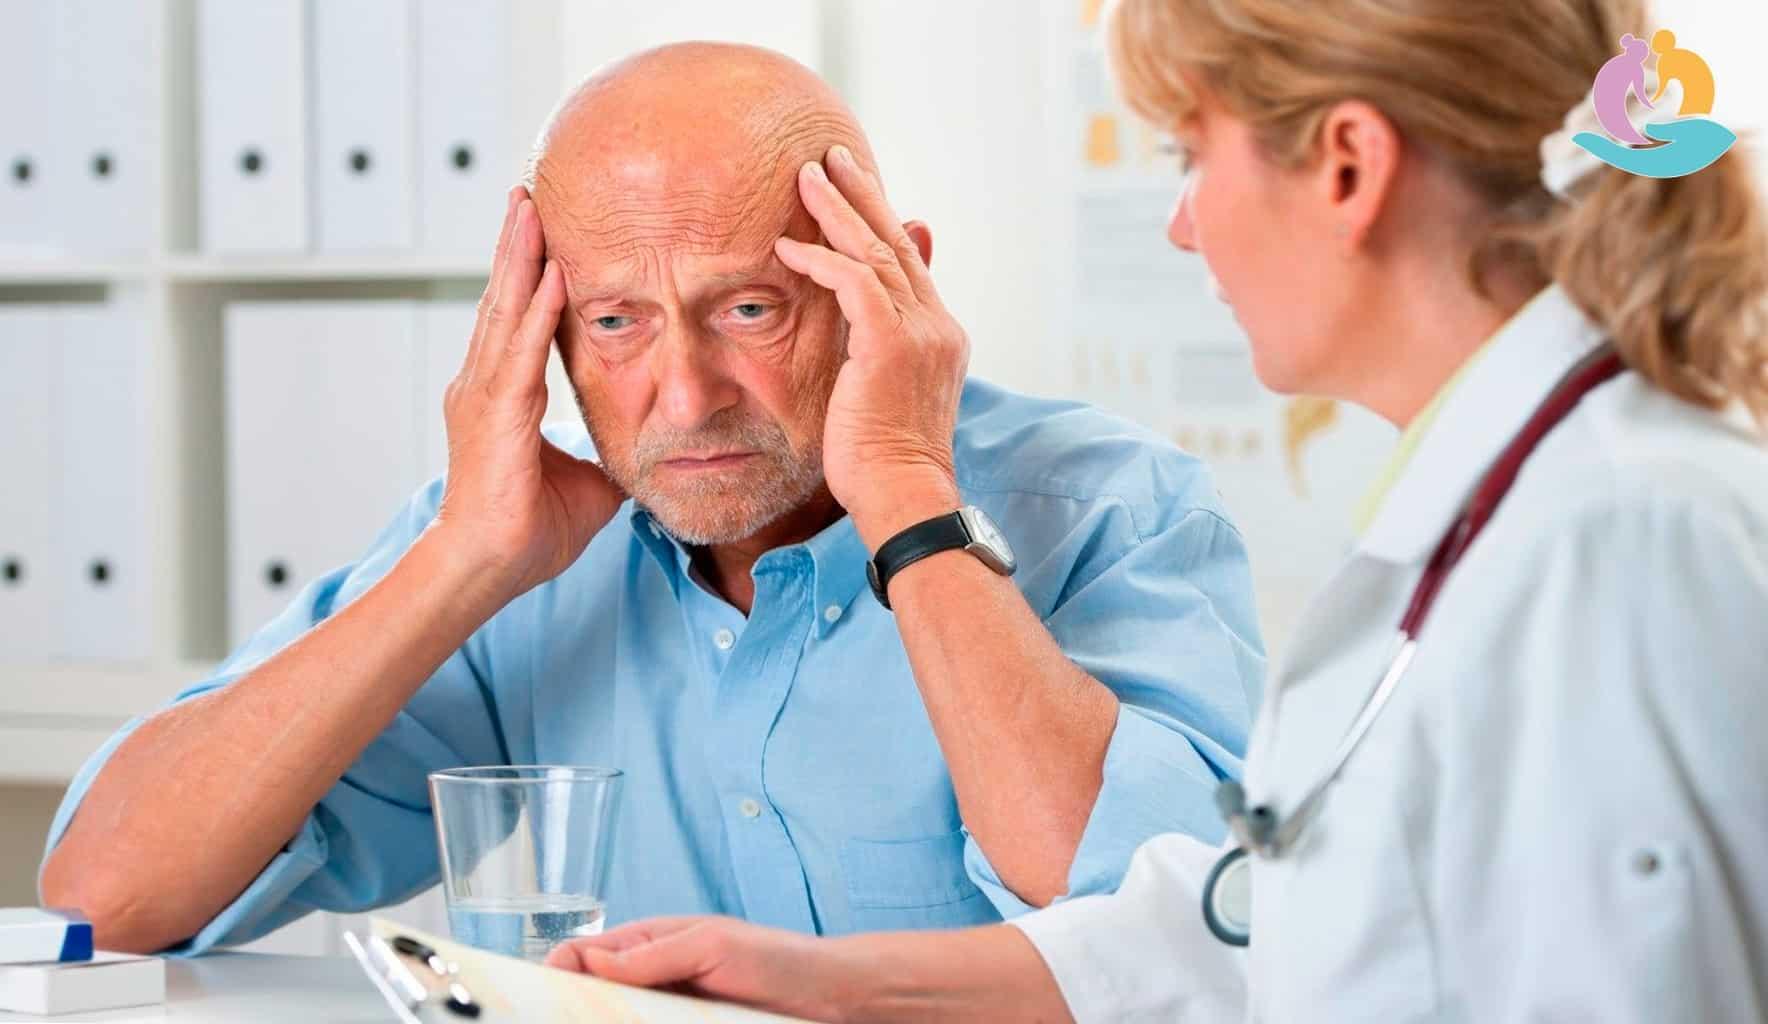 Деменция сколько лет живут: продолжительность жизни с такимдиагнозом